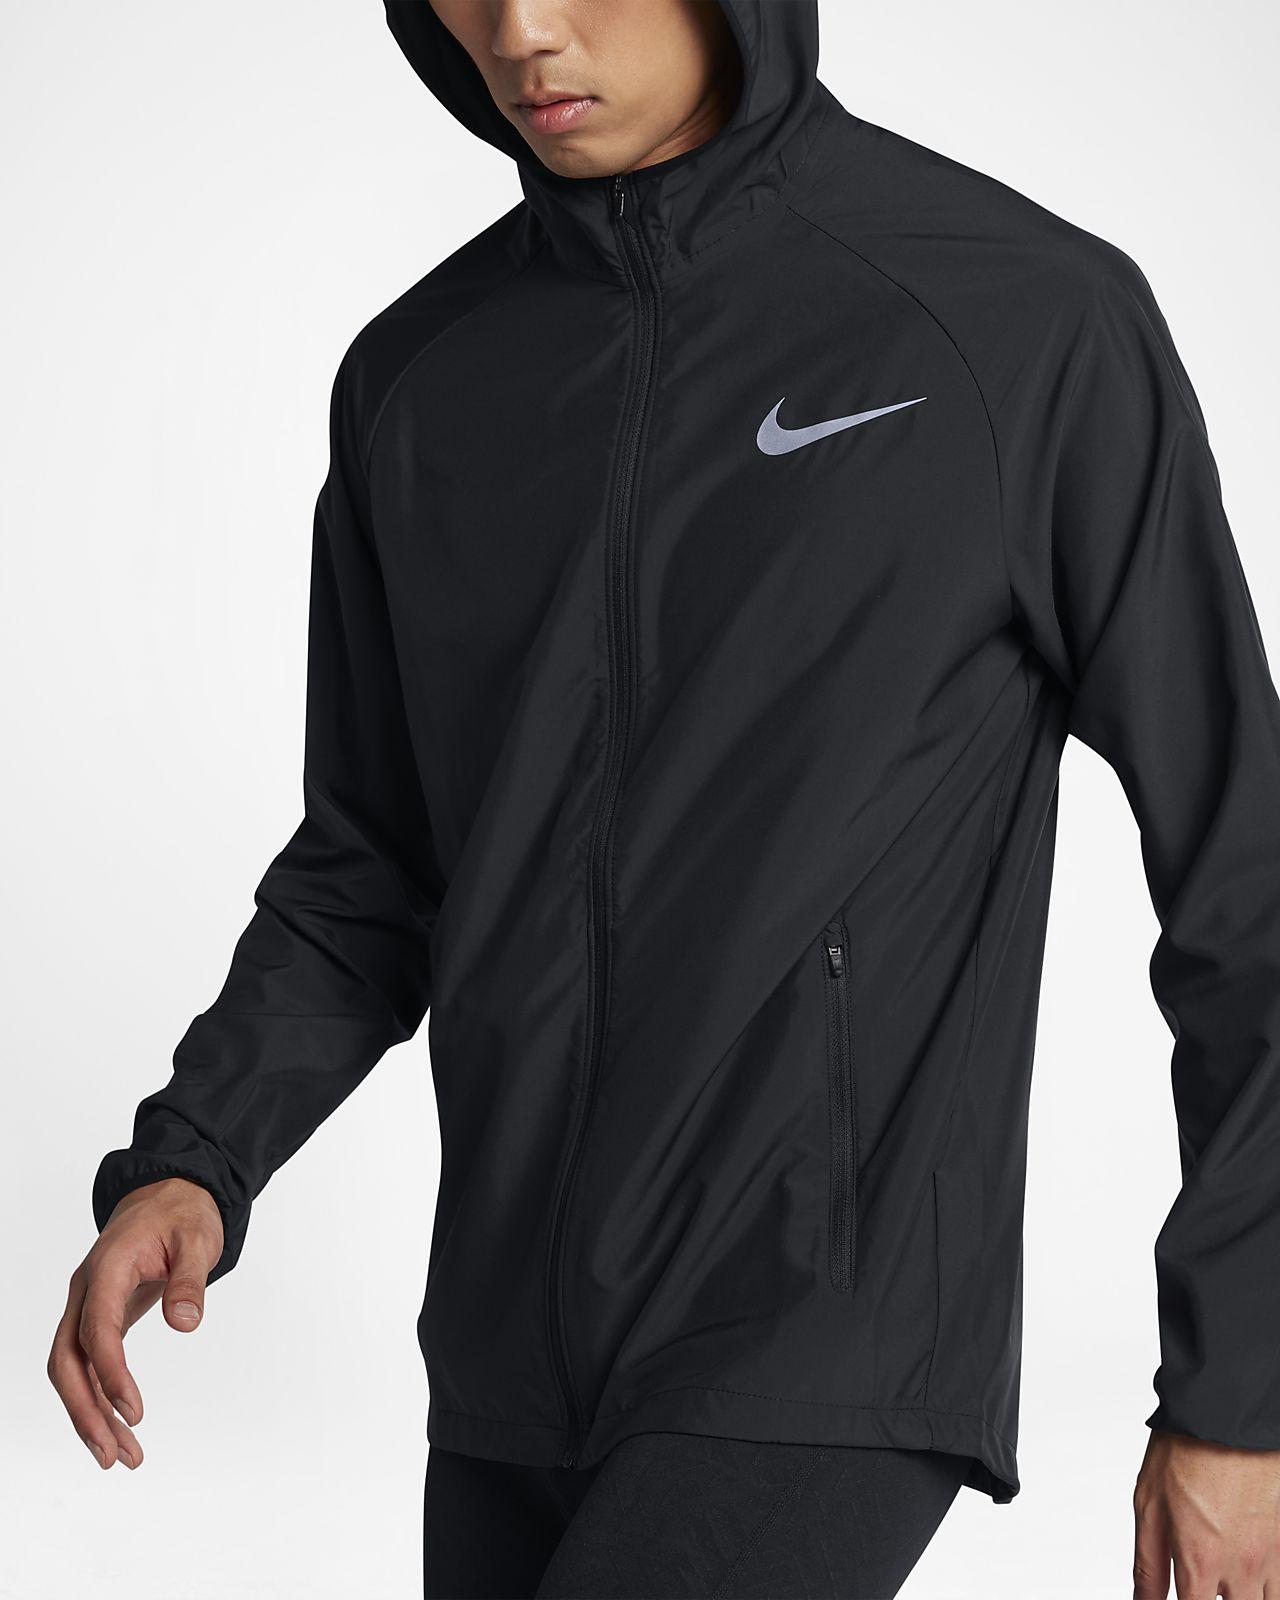 Essential Pour Nike Veste Running Be De Homme Oq6tw8Ht